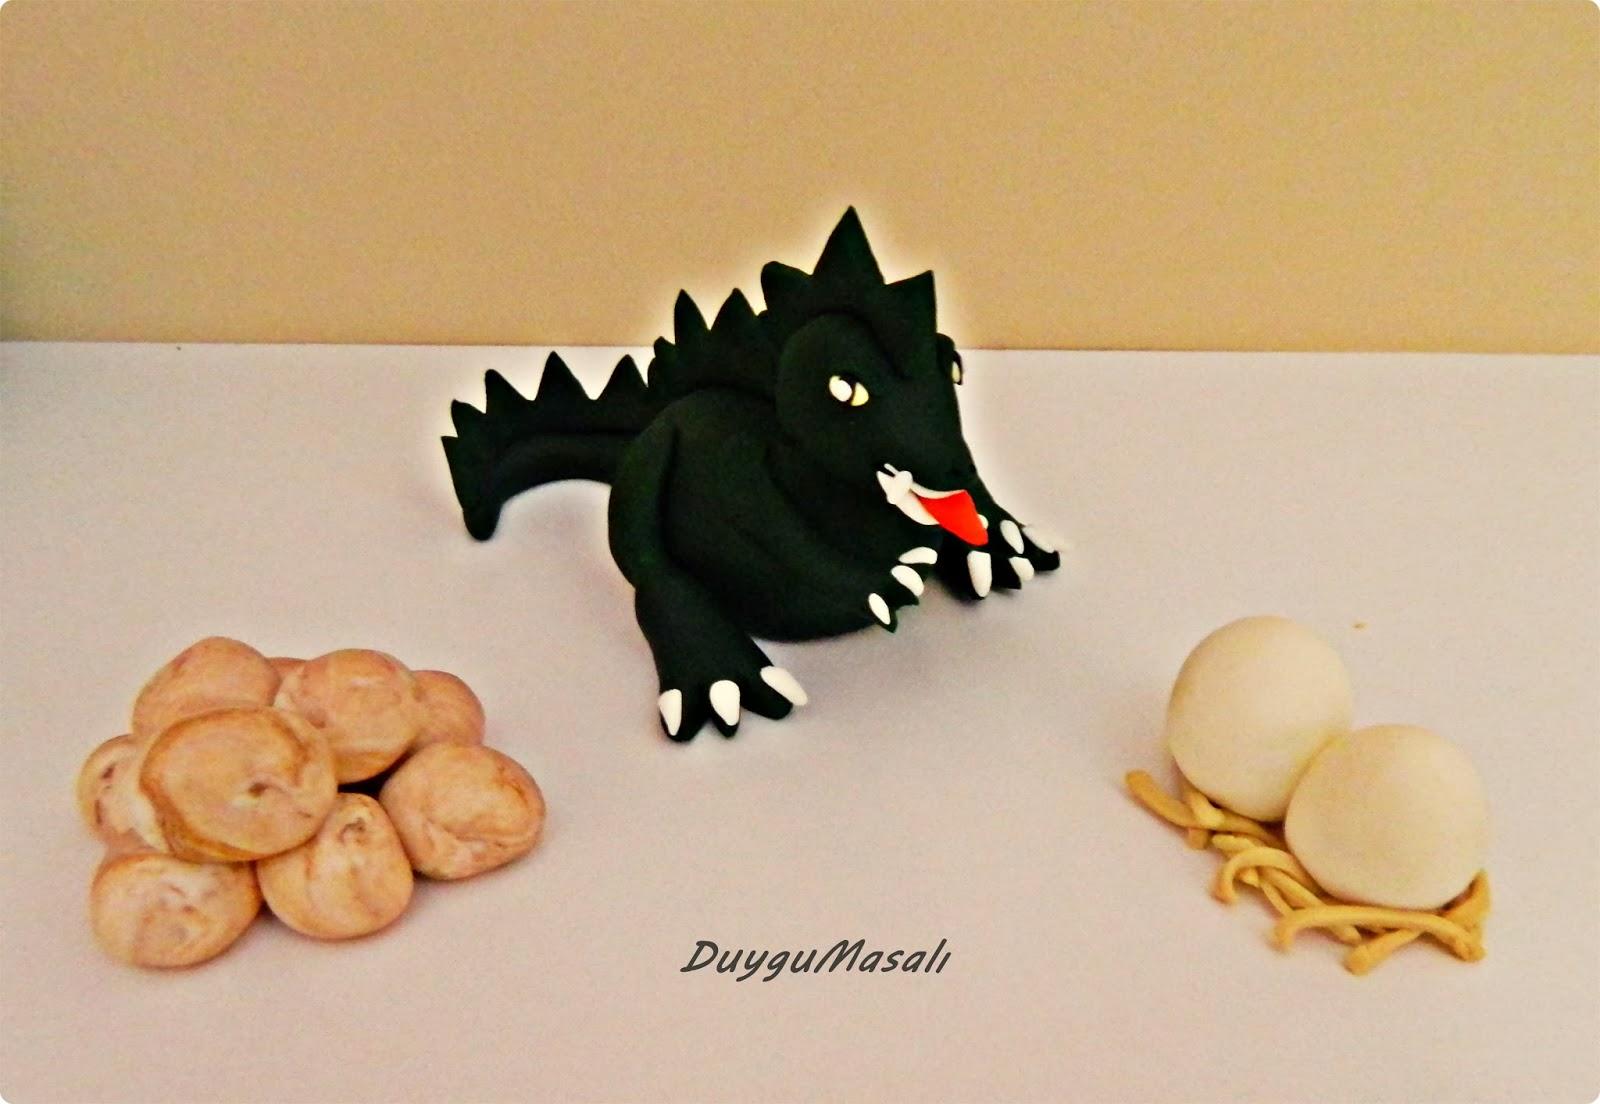 edirne dinozor pasta